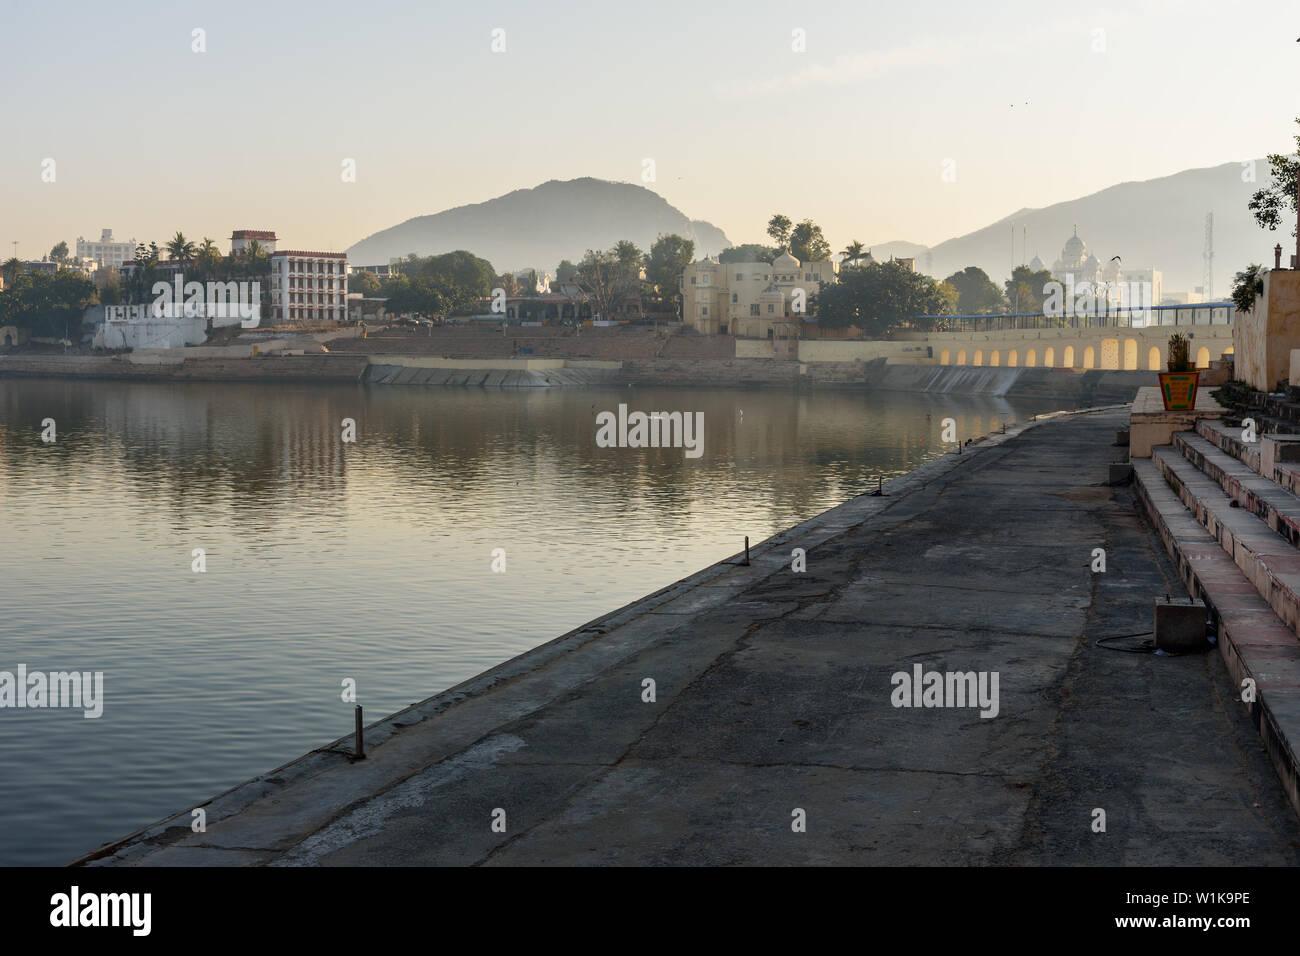 Ghats à Pushkar lac sacré au Rajasthan. L'Inde Banque D'Images